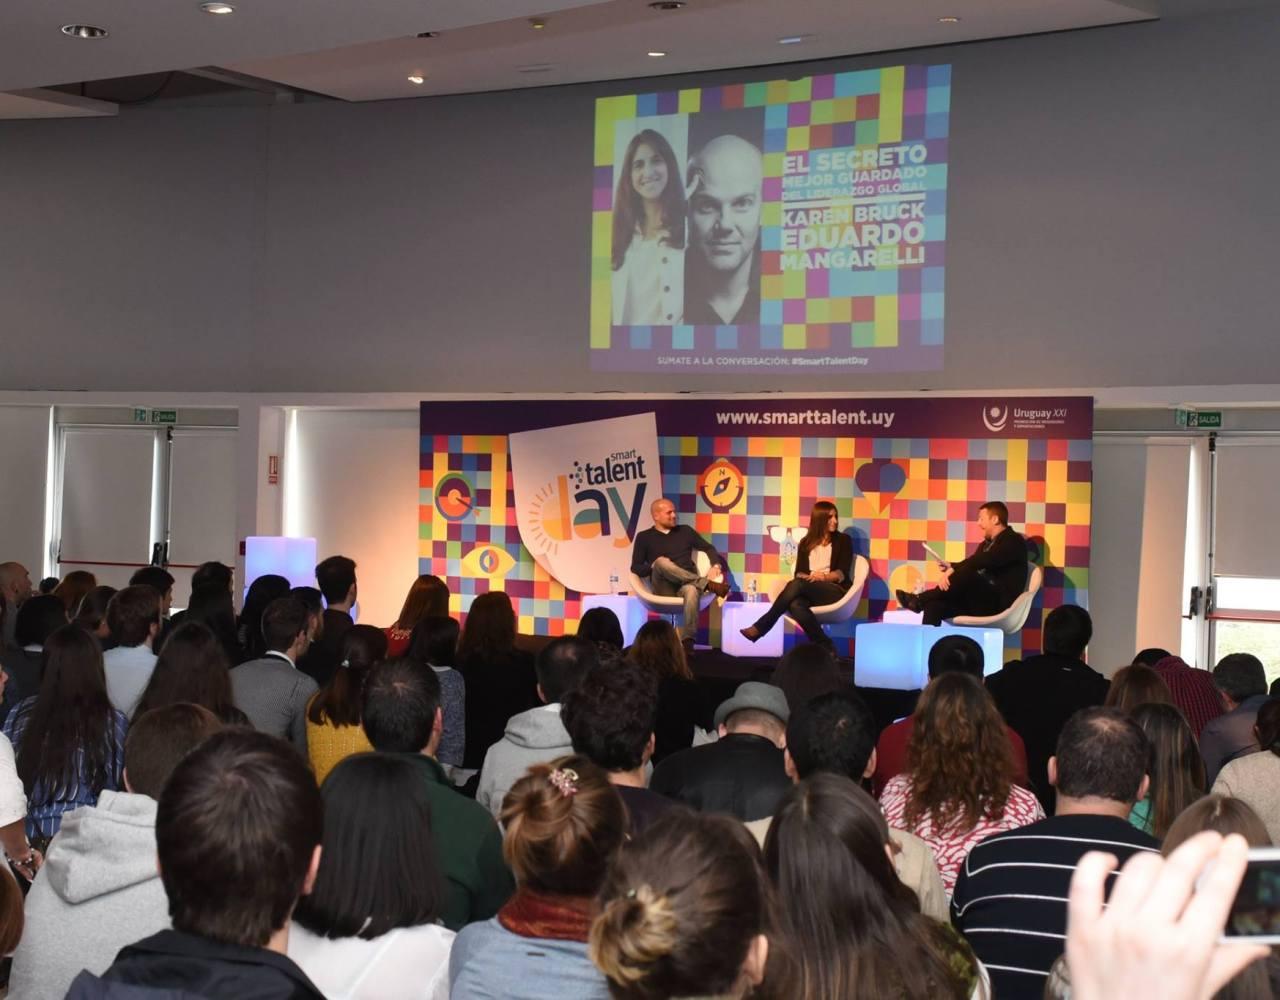 Uruguay XXI organiza la segunda edición del Smart Talent Day